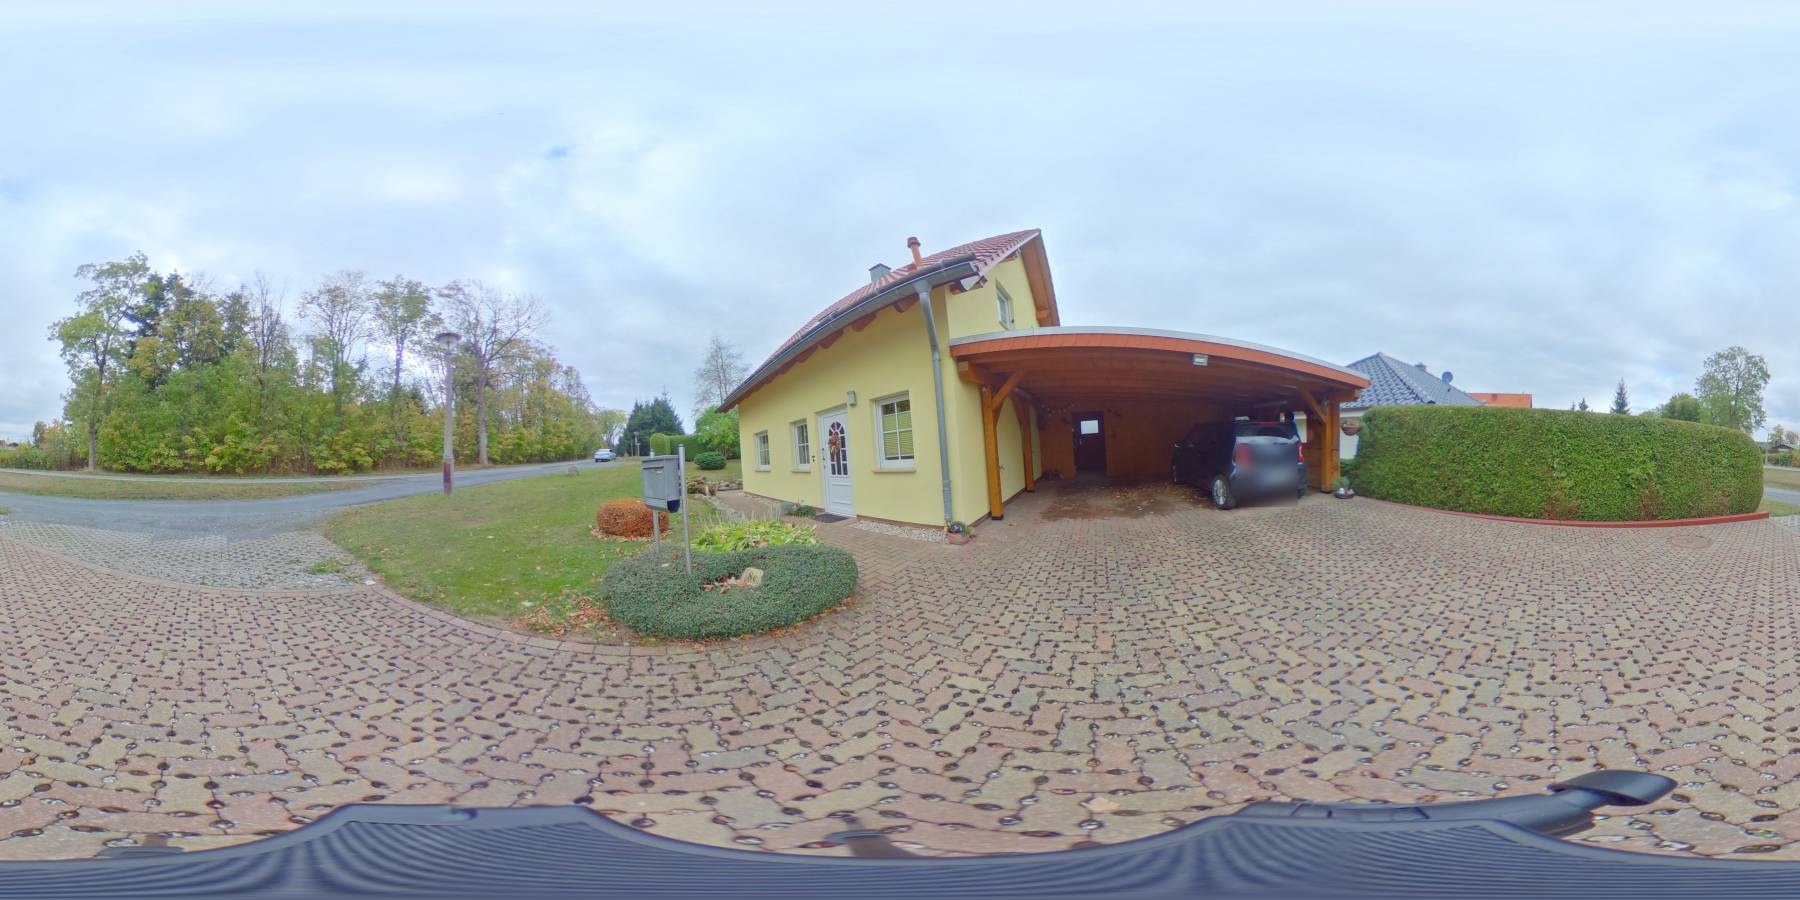 VERKAUFT - Einfamilienhaus in Benneckenstein zu verkaufen. 360 Grad